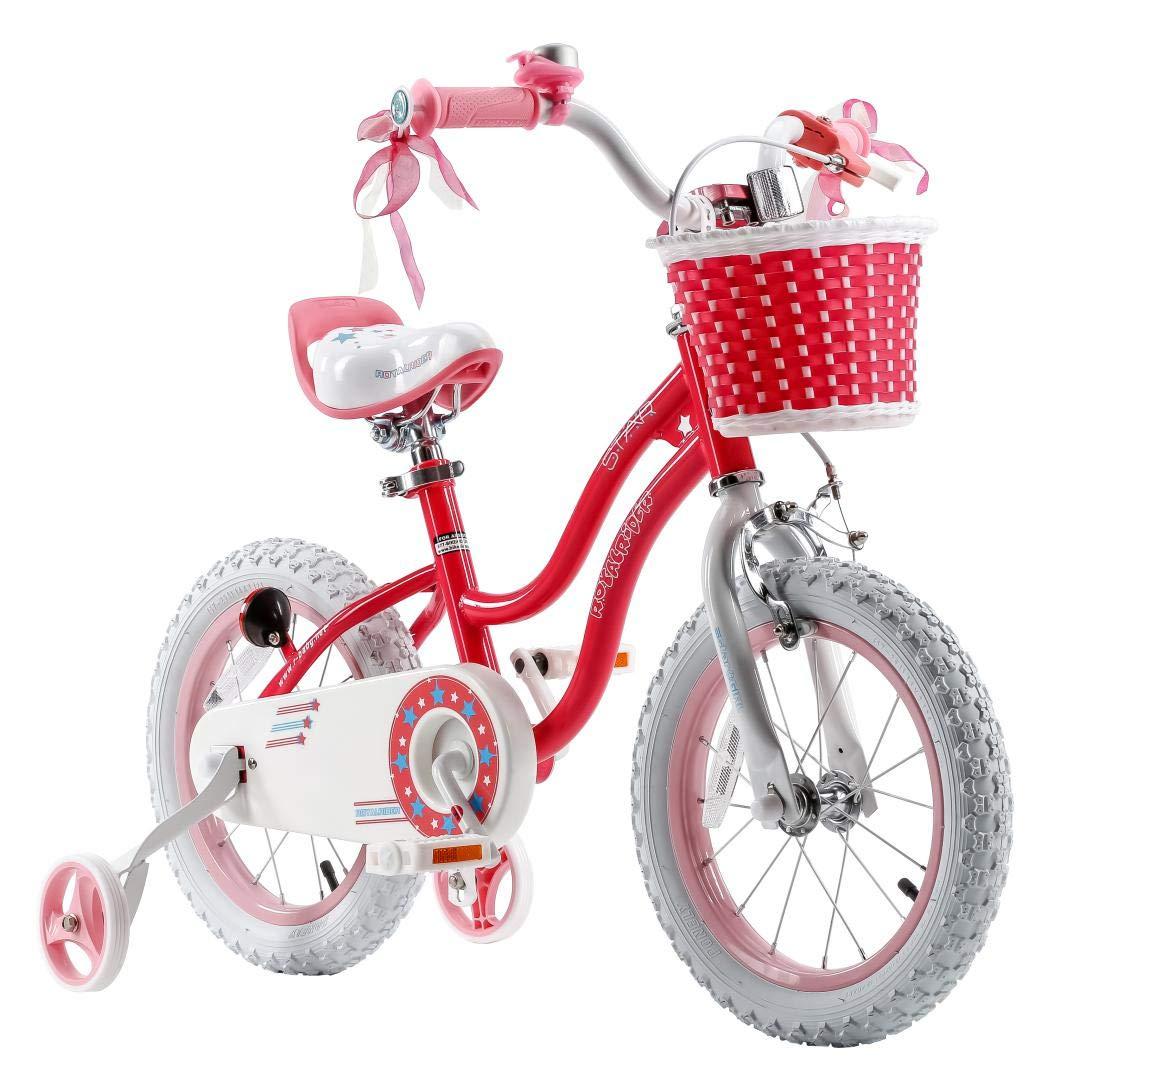 RoyalBaby Girls Kids Bike Stargirl